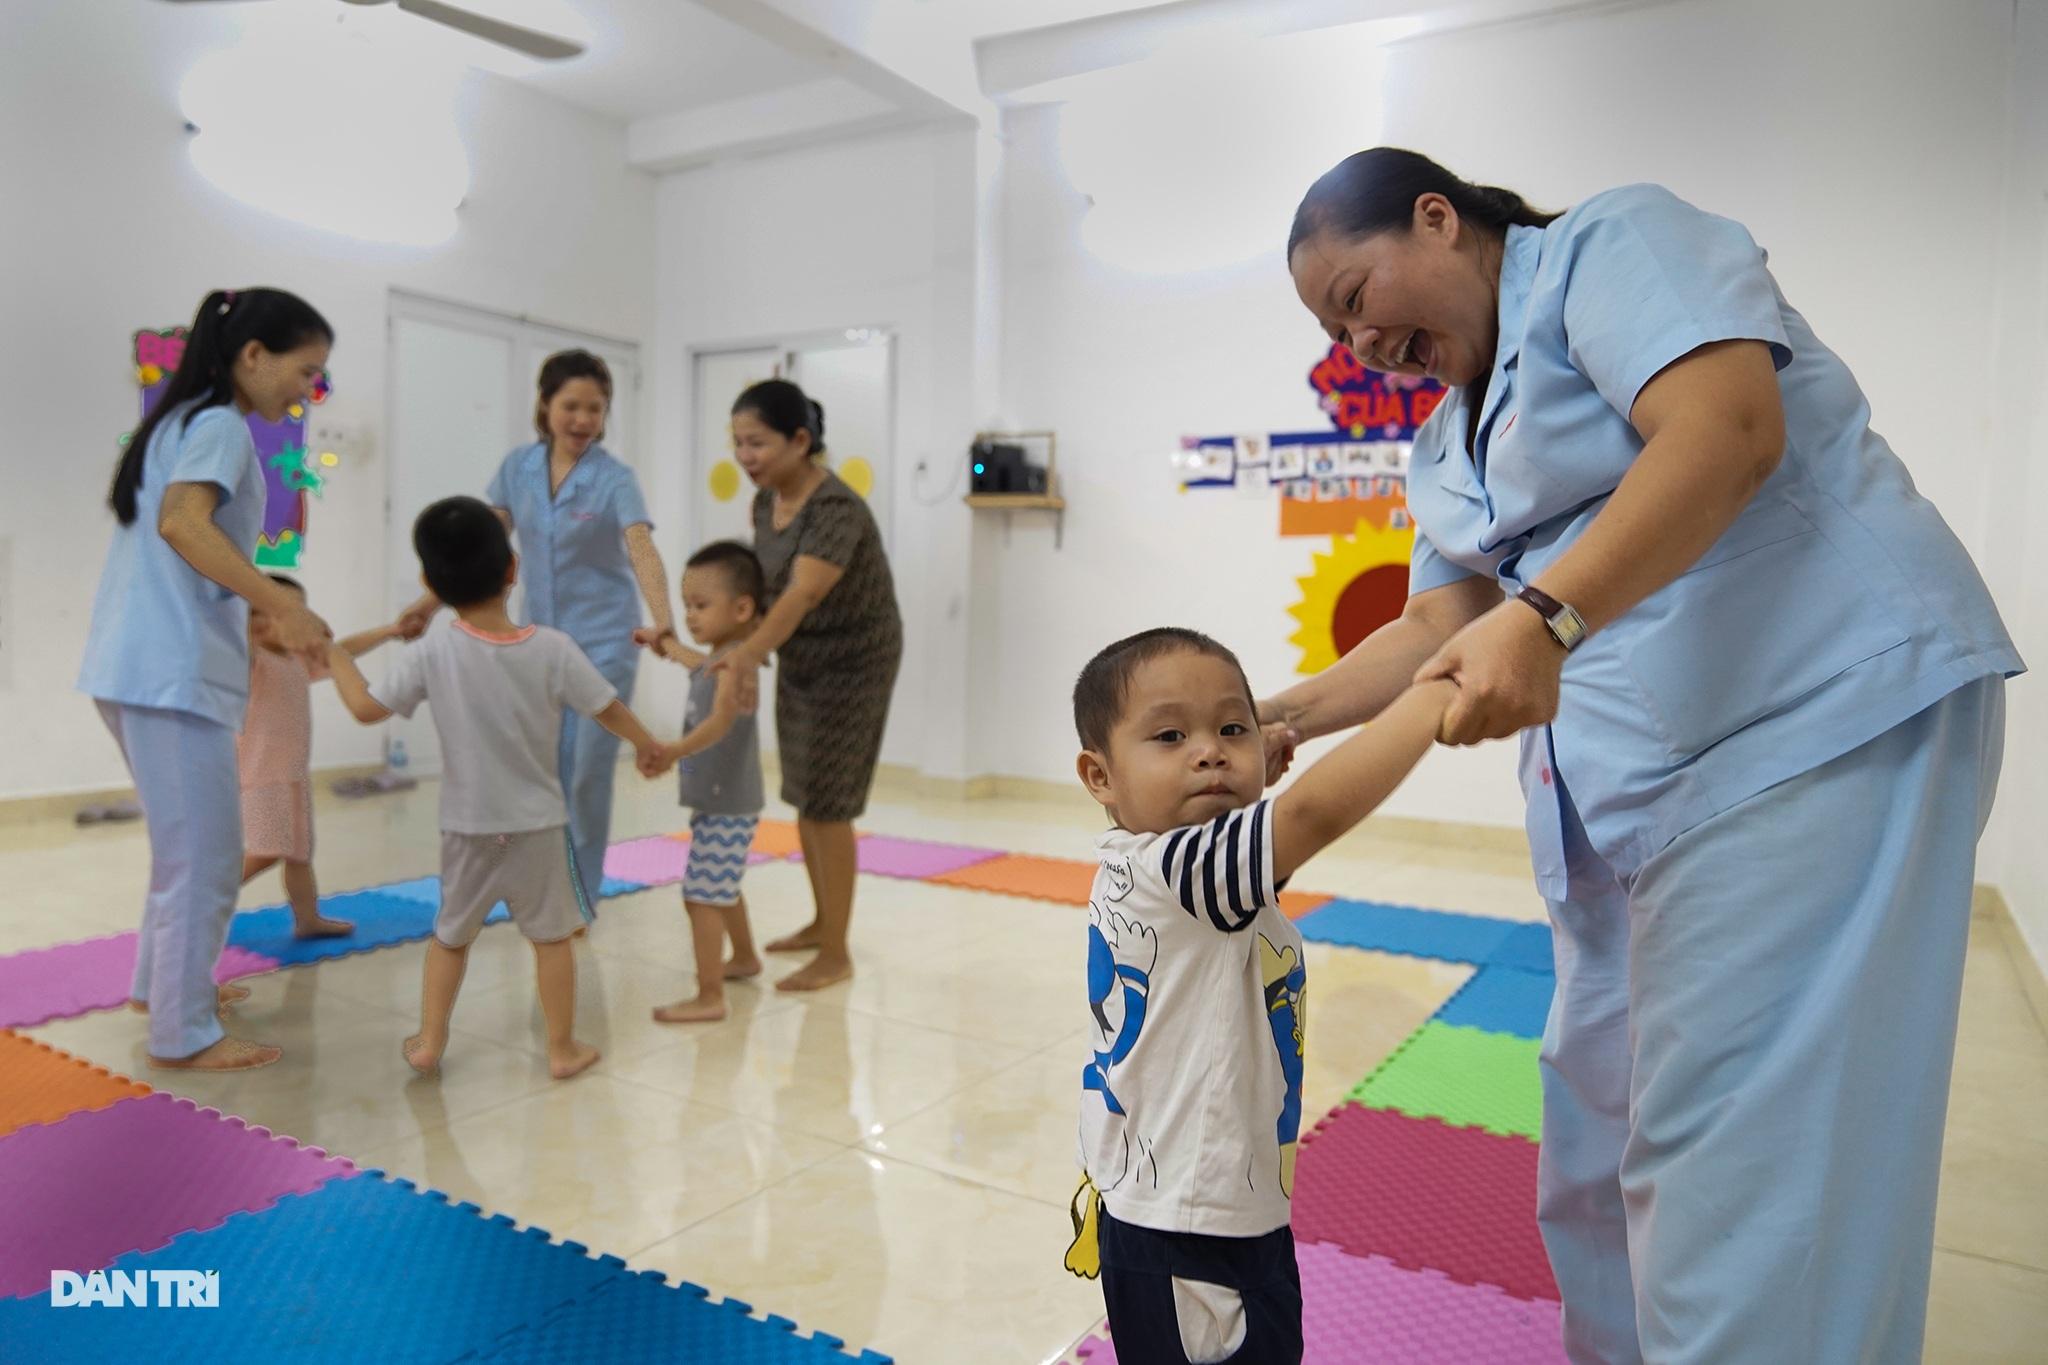 Dạy trẻ khuyết tật đòi hỏi phải kiên nhẫn và yêu thương - 4